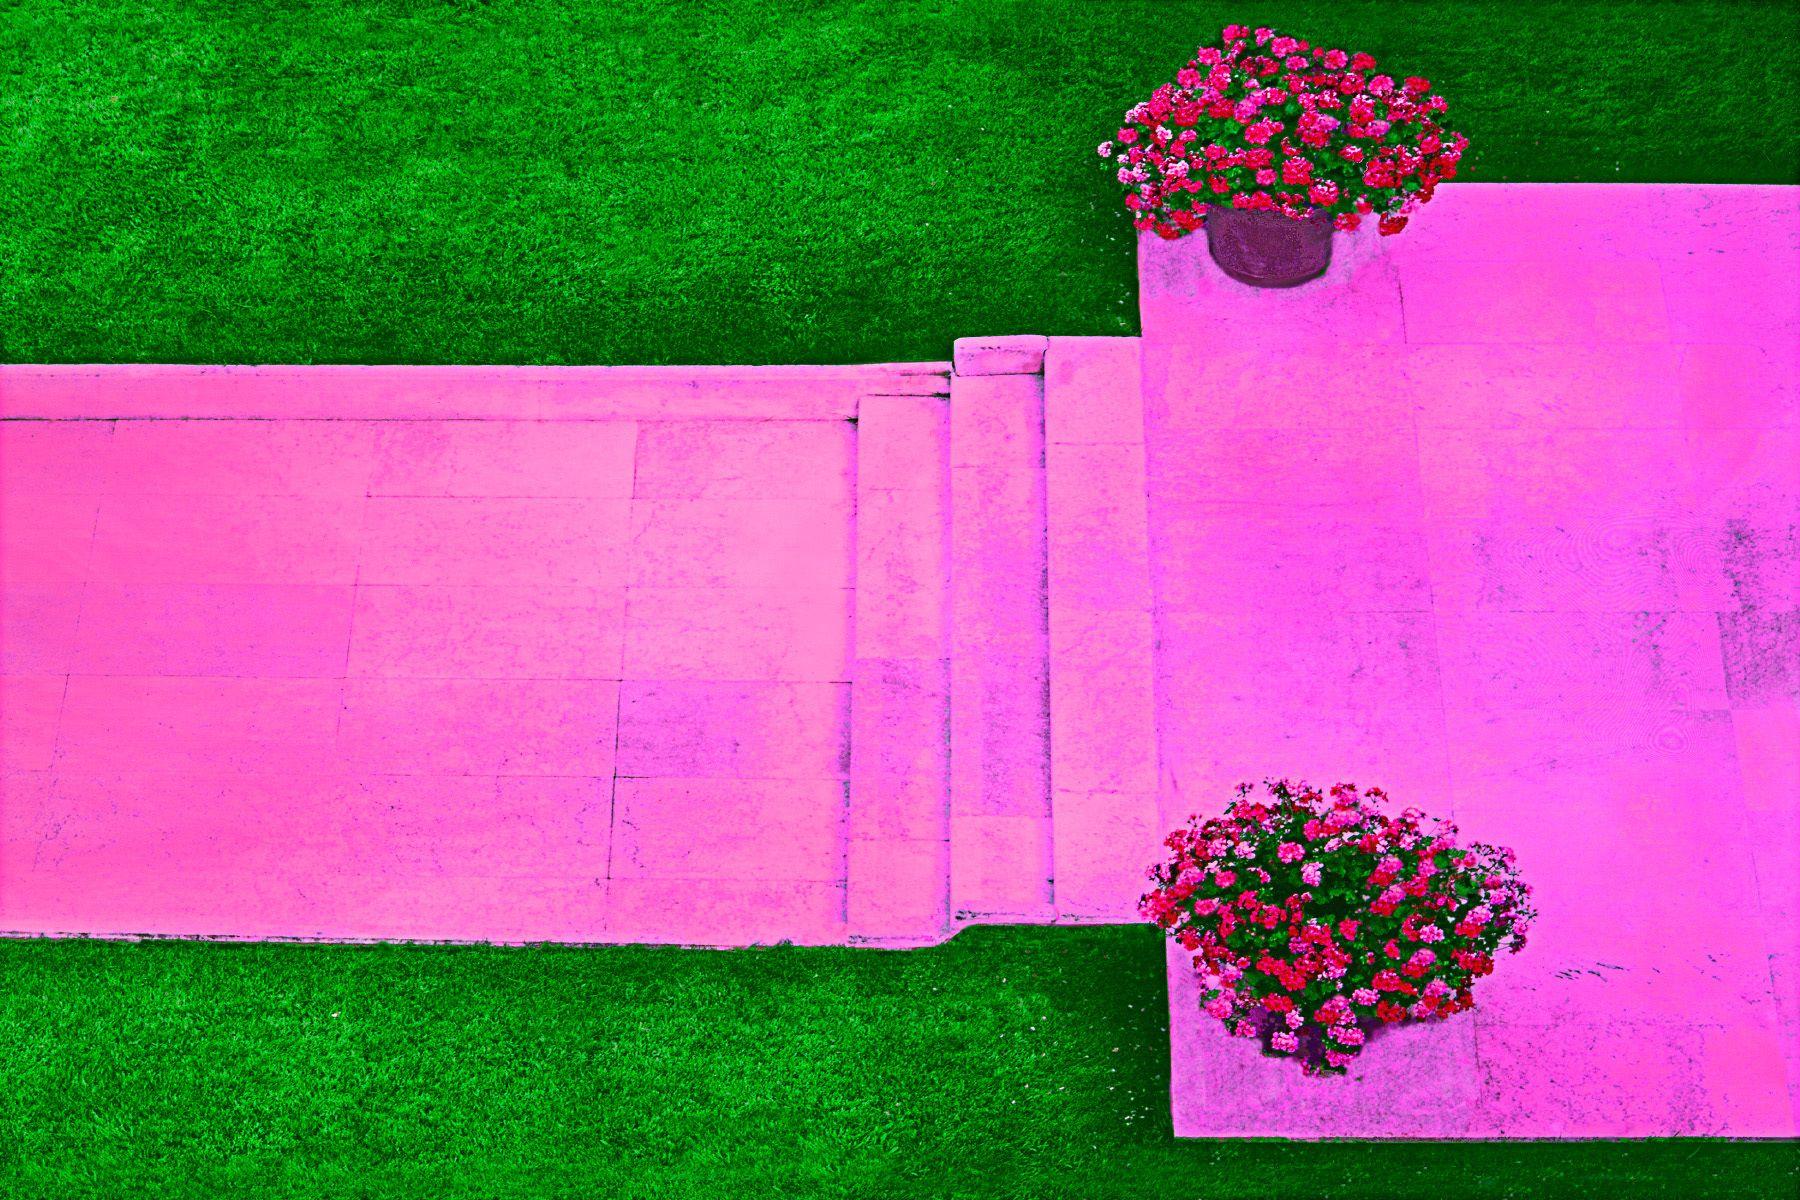 8_0_159_1l_gottlieb_garden_path.jpg